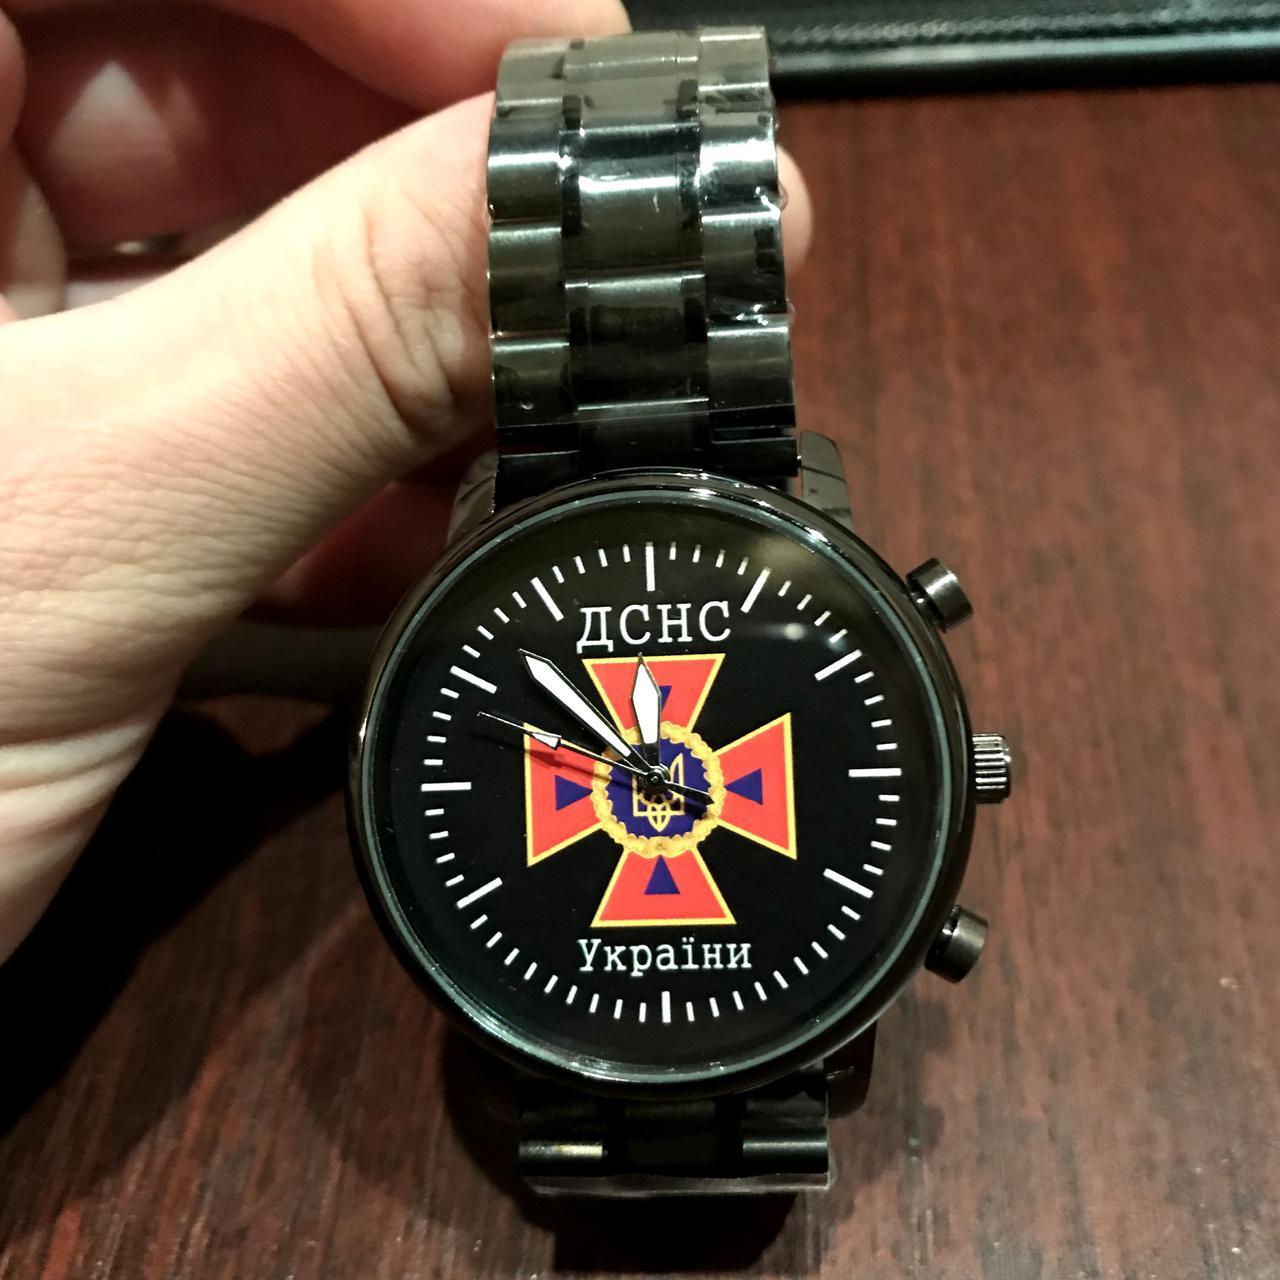 Годинники наручні з логотипом ДПСУ (Державна прикордонна служба України)